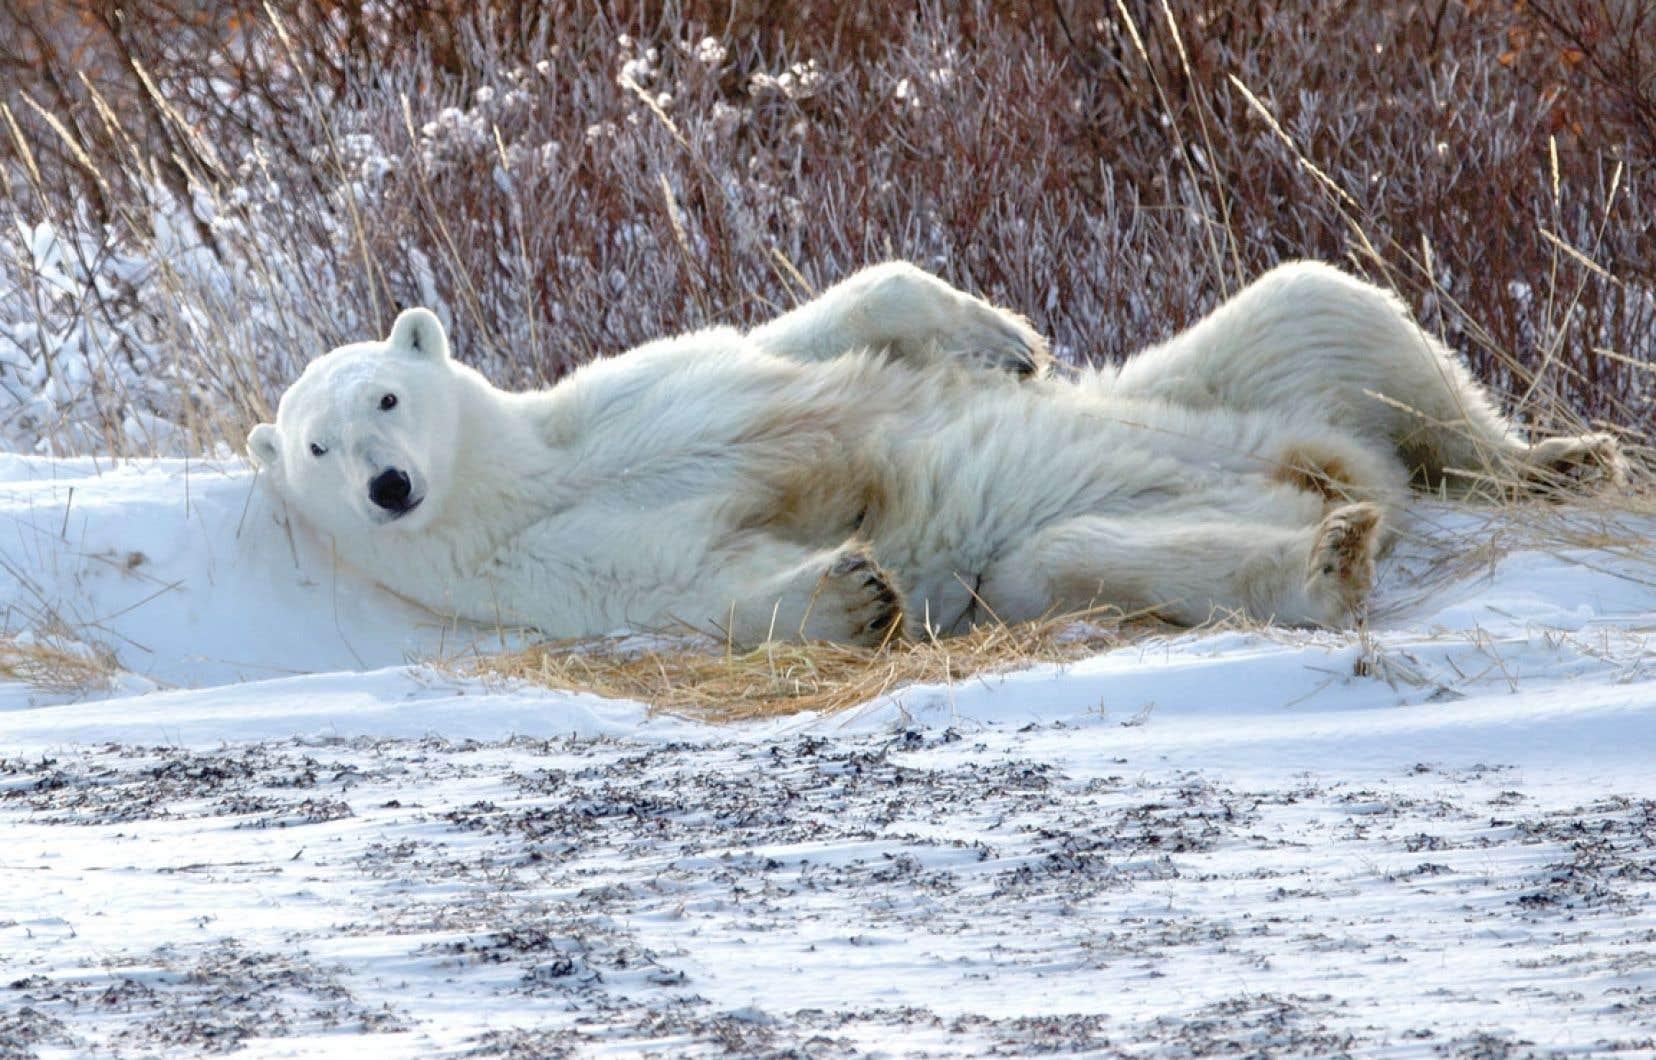 Churchill est visitée à l'automne par un millier d'ours polaires qui y attendent le gel des glaces.